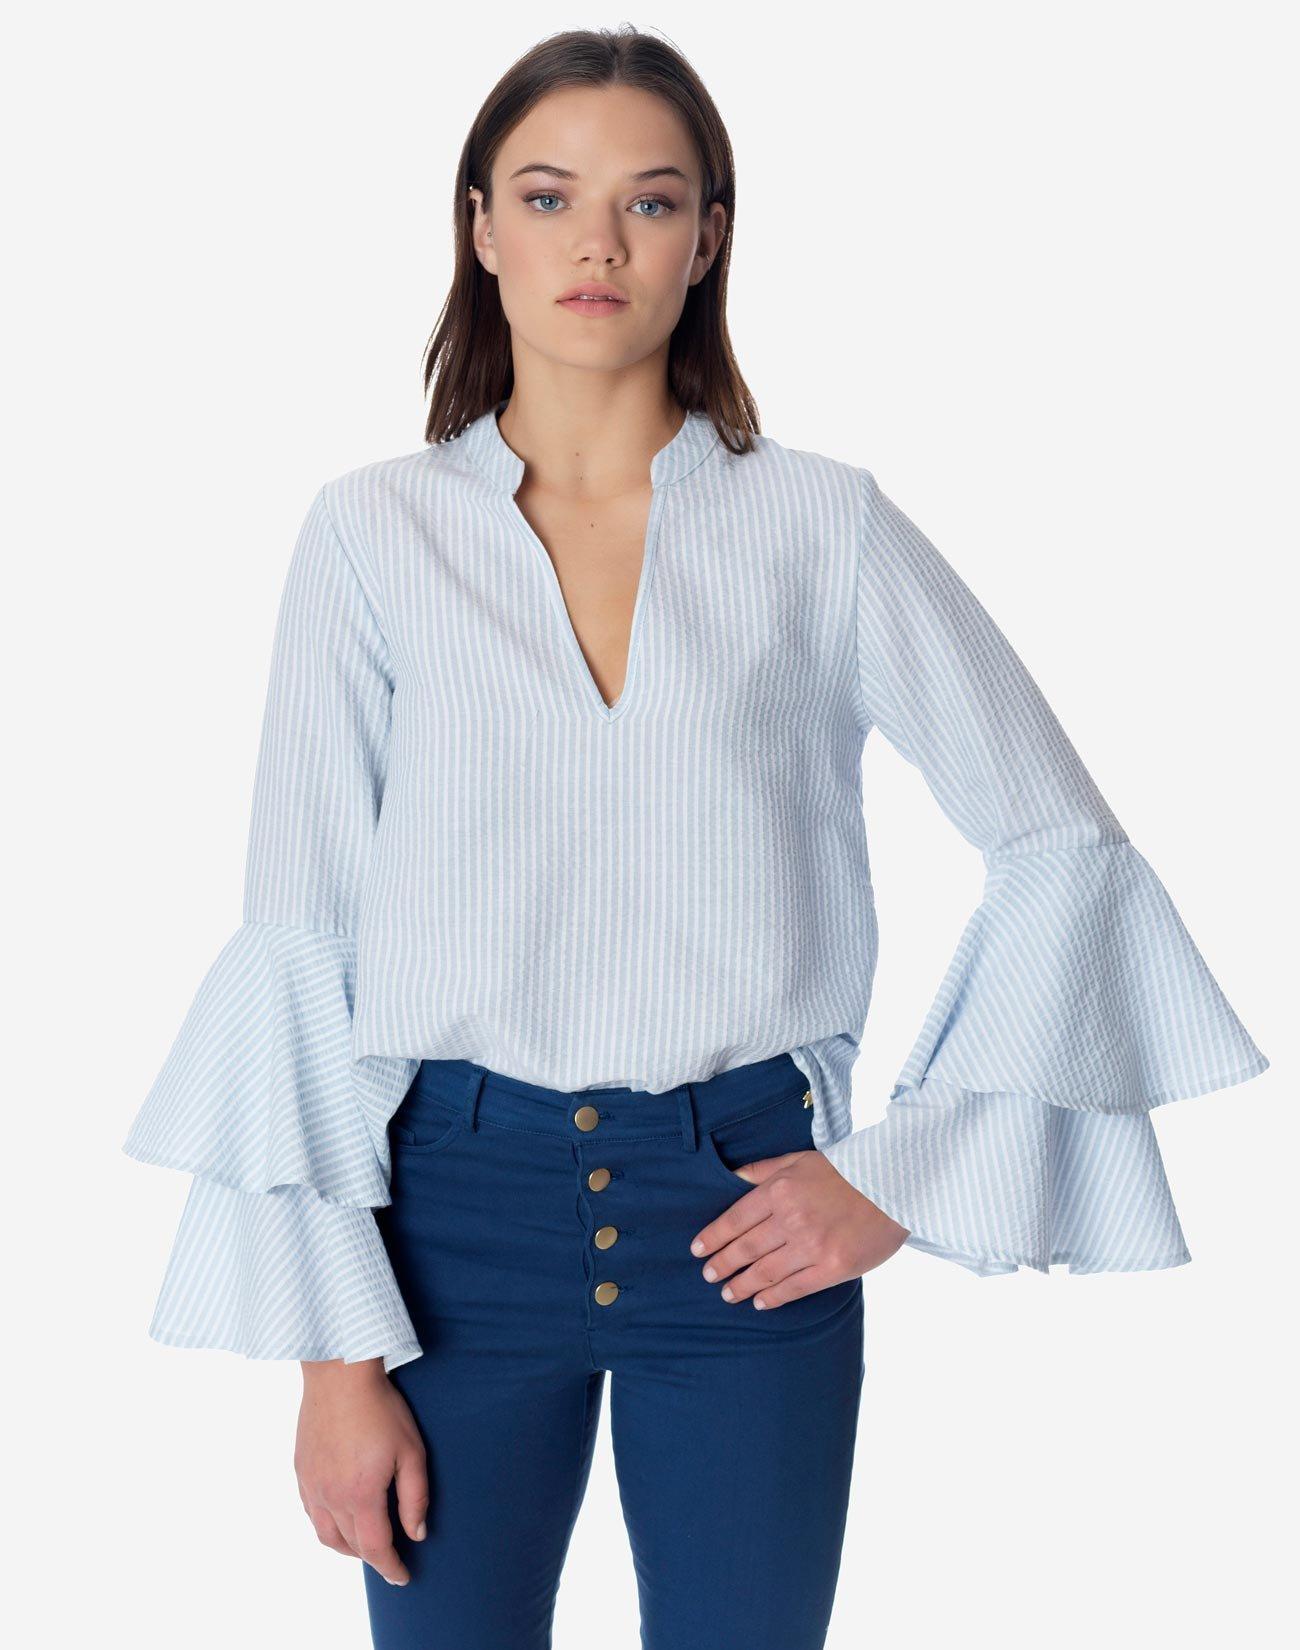 Μπλούζα ριγέ με διπλό βολάν